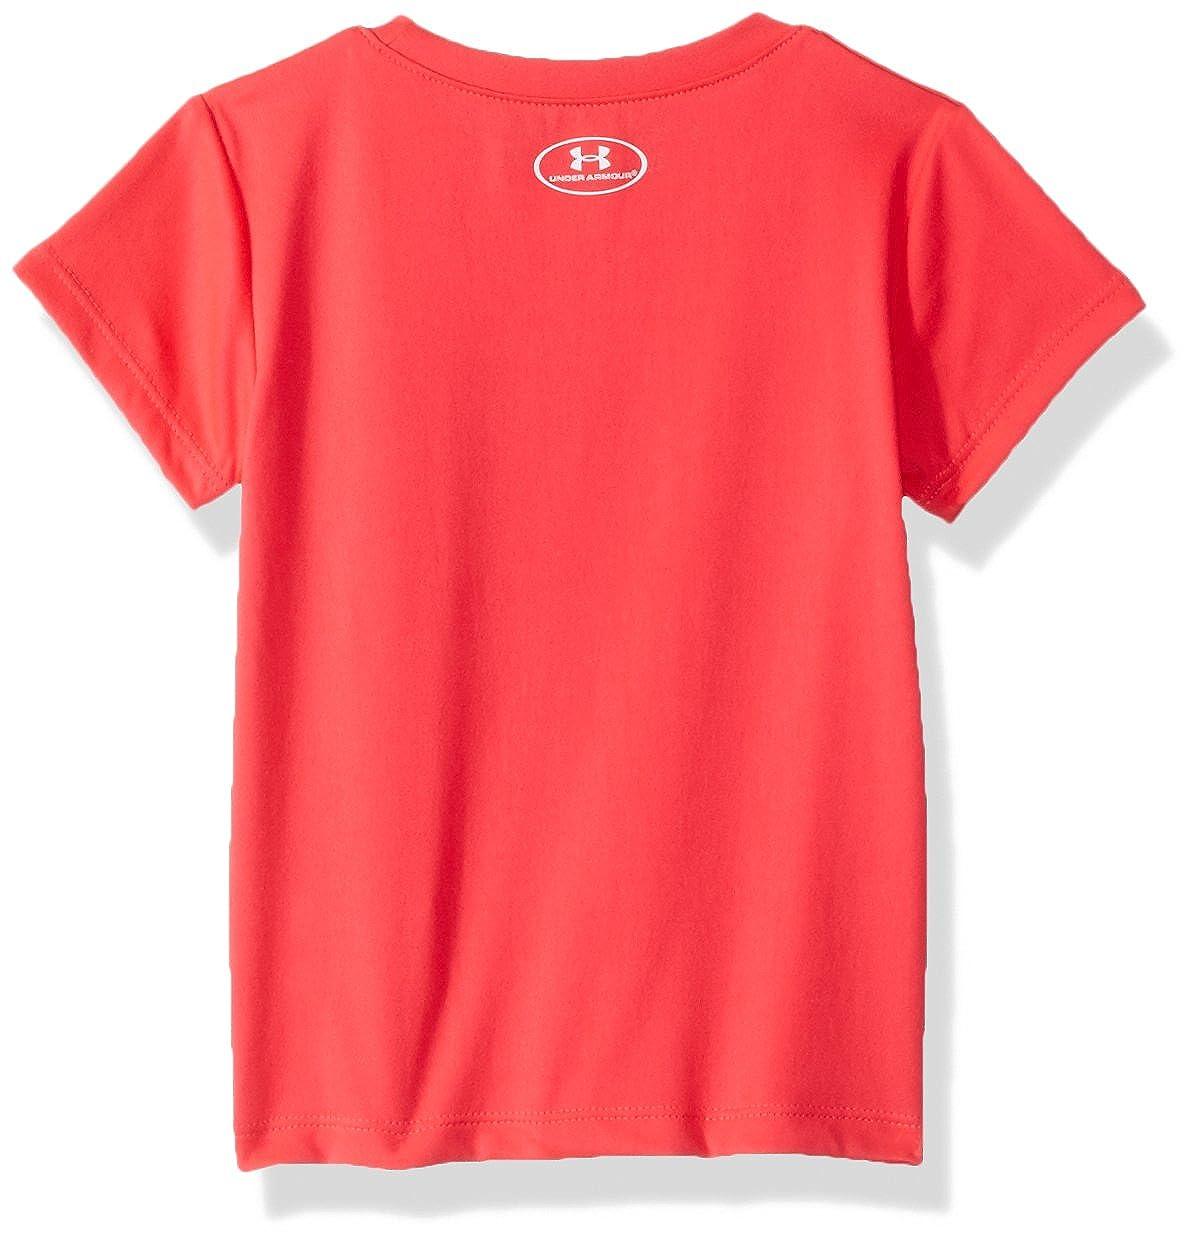 Under Armour Girls Attitude Ss Tee Shirt